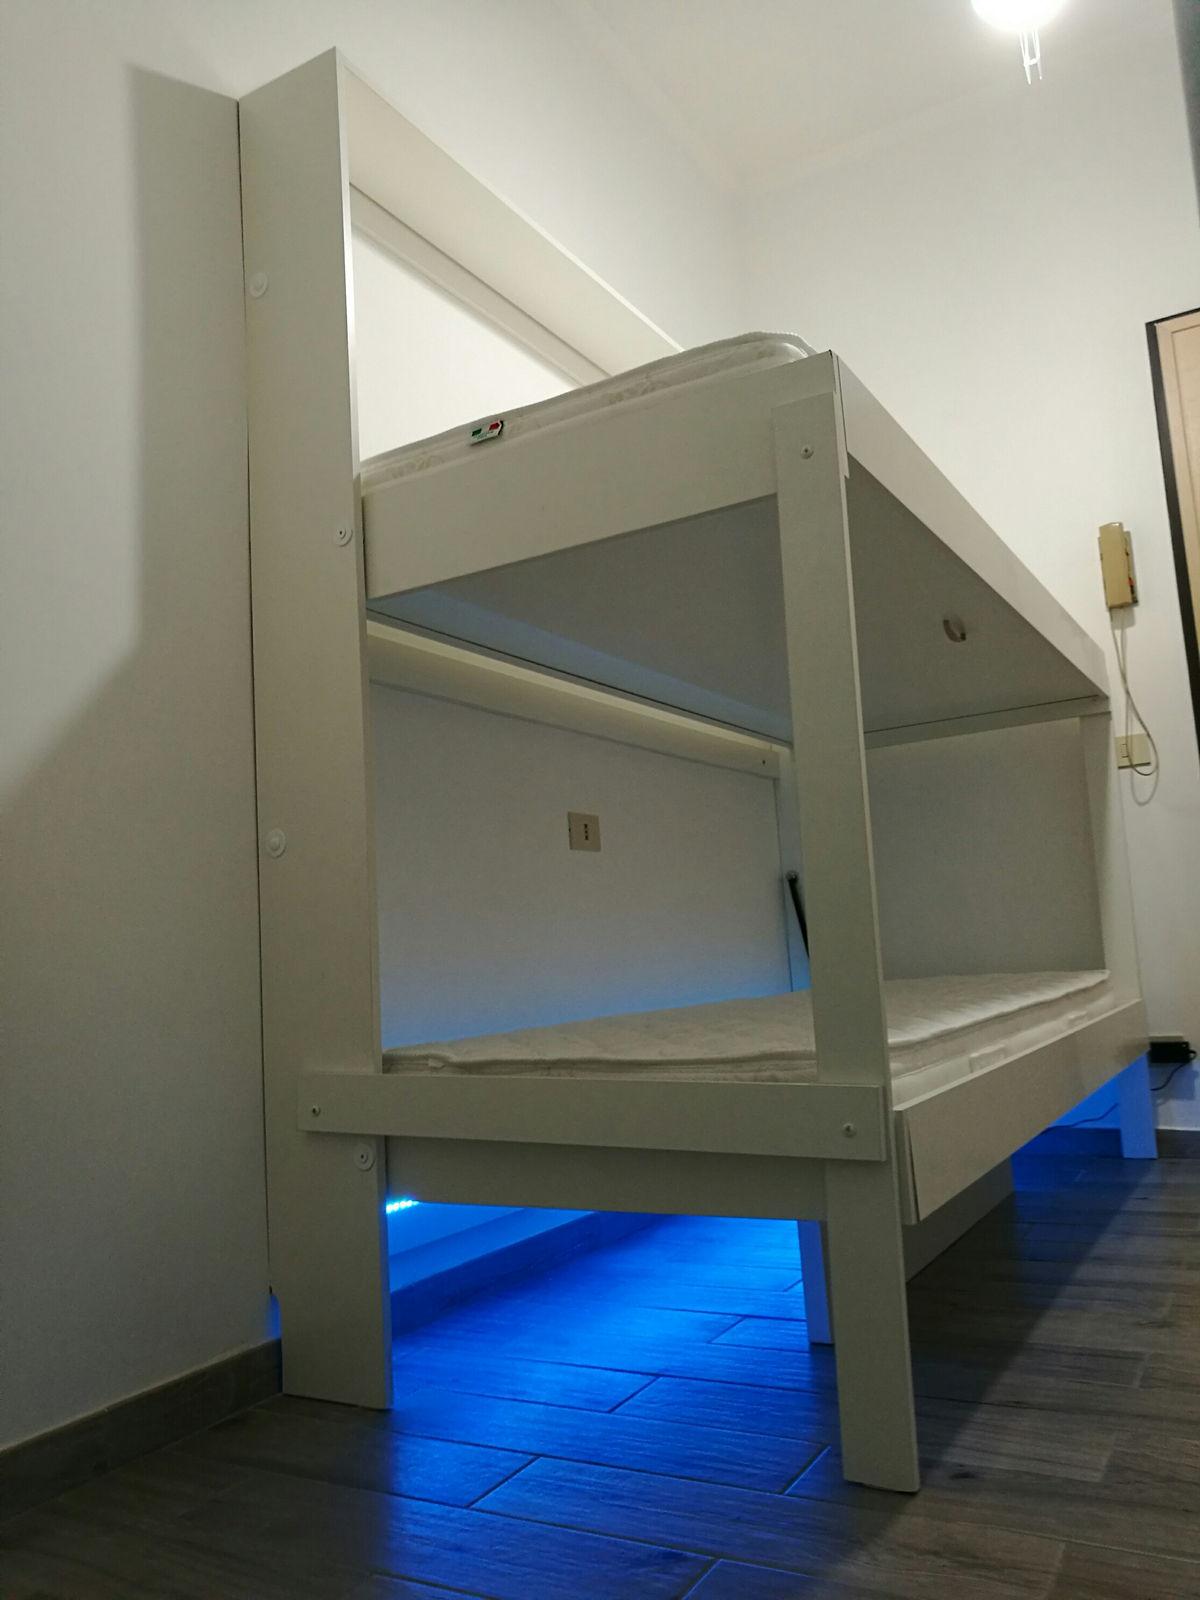 Letto a scomparsa a castello consolle doppia bed for Letto a castello basso